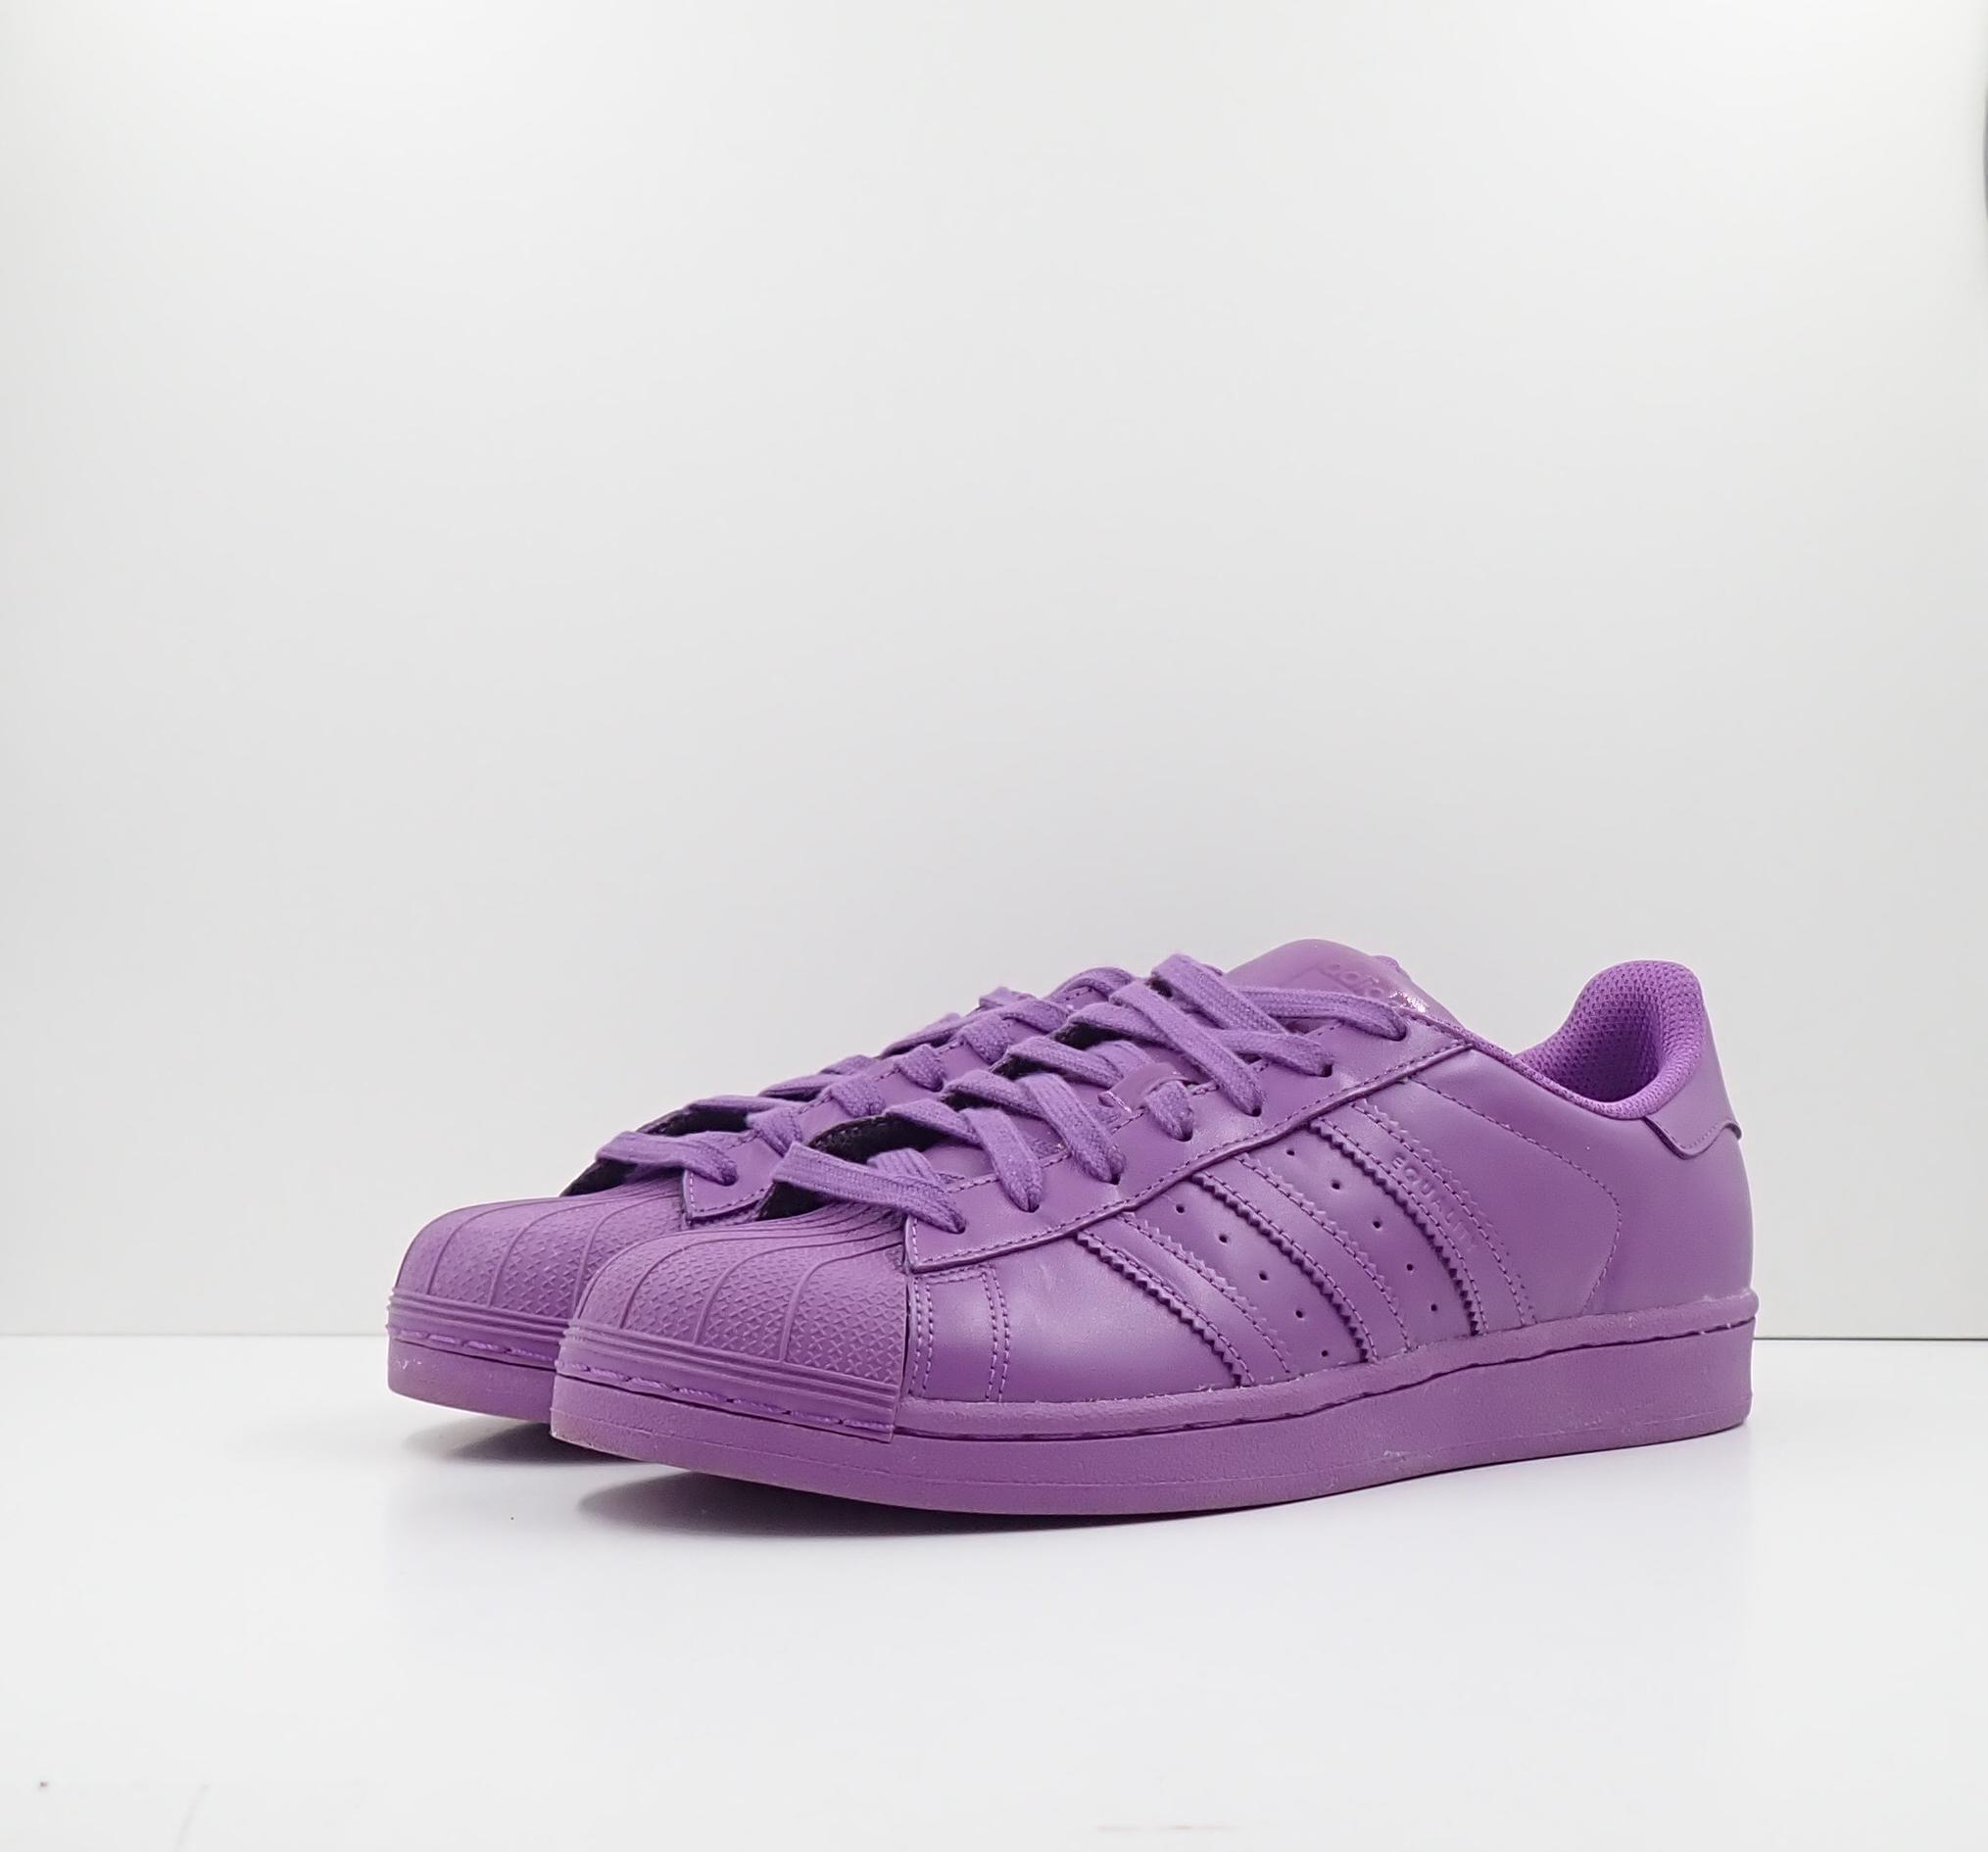 Adidas Superstar Supercolor Pack Violet